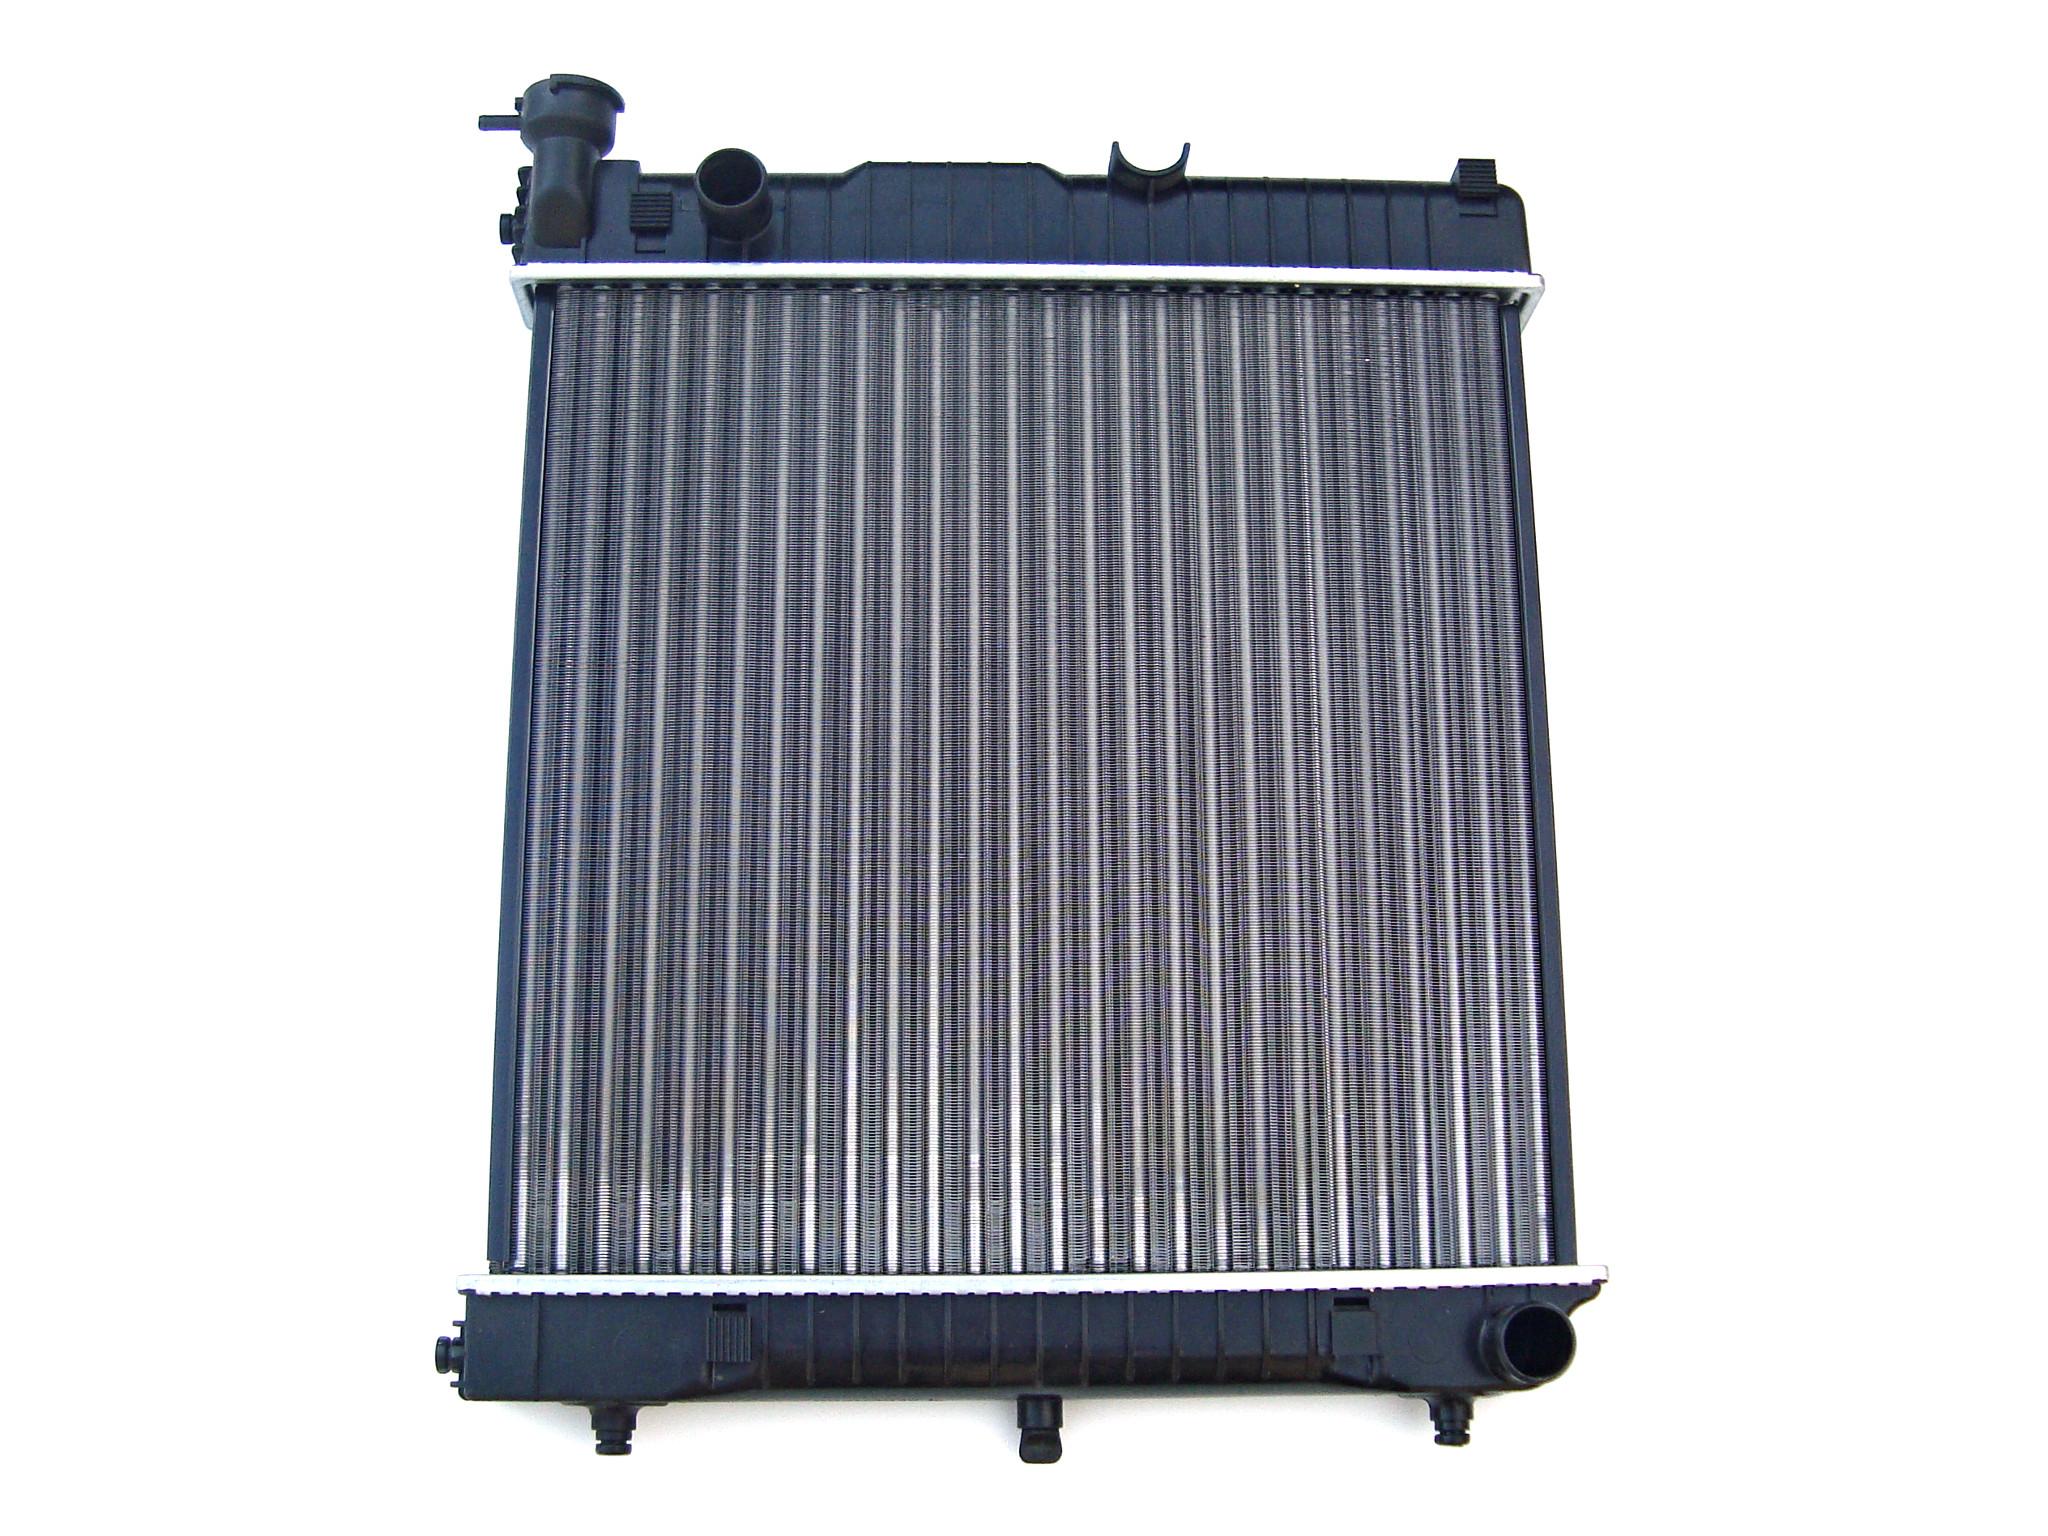 новая радиатор mercedes bus утка t1 309 407 409